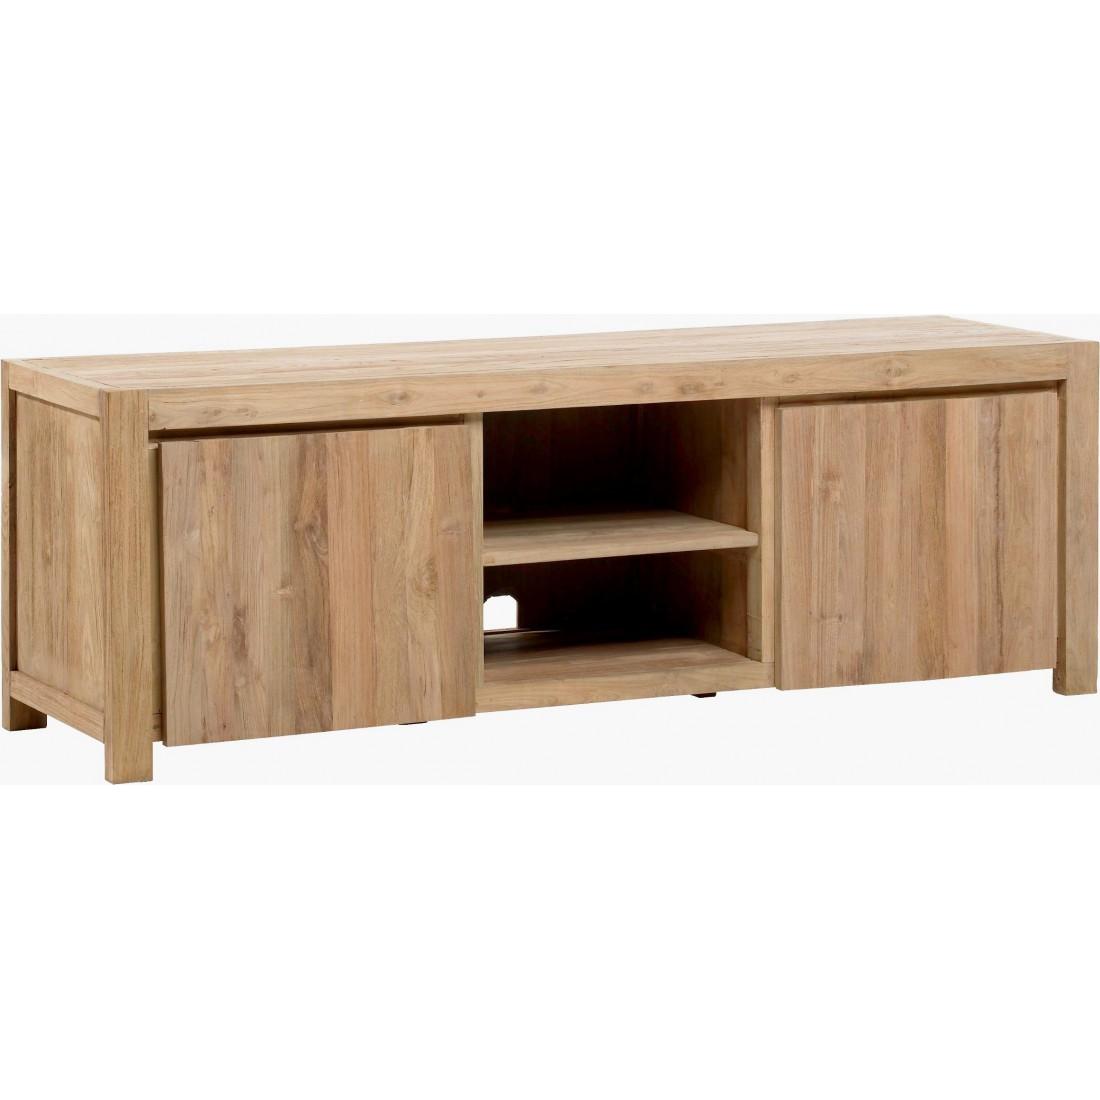 kok teak mediabenk 166 cm kr 10 995 olen mobel. Black Bedroom Furniture Sets. Home Design Ideas